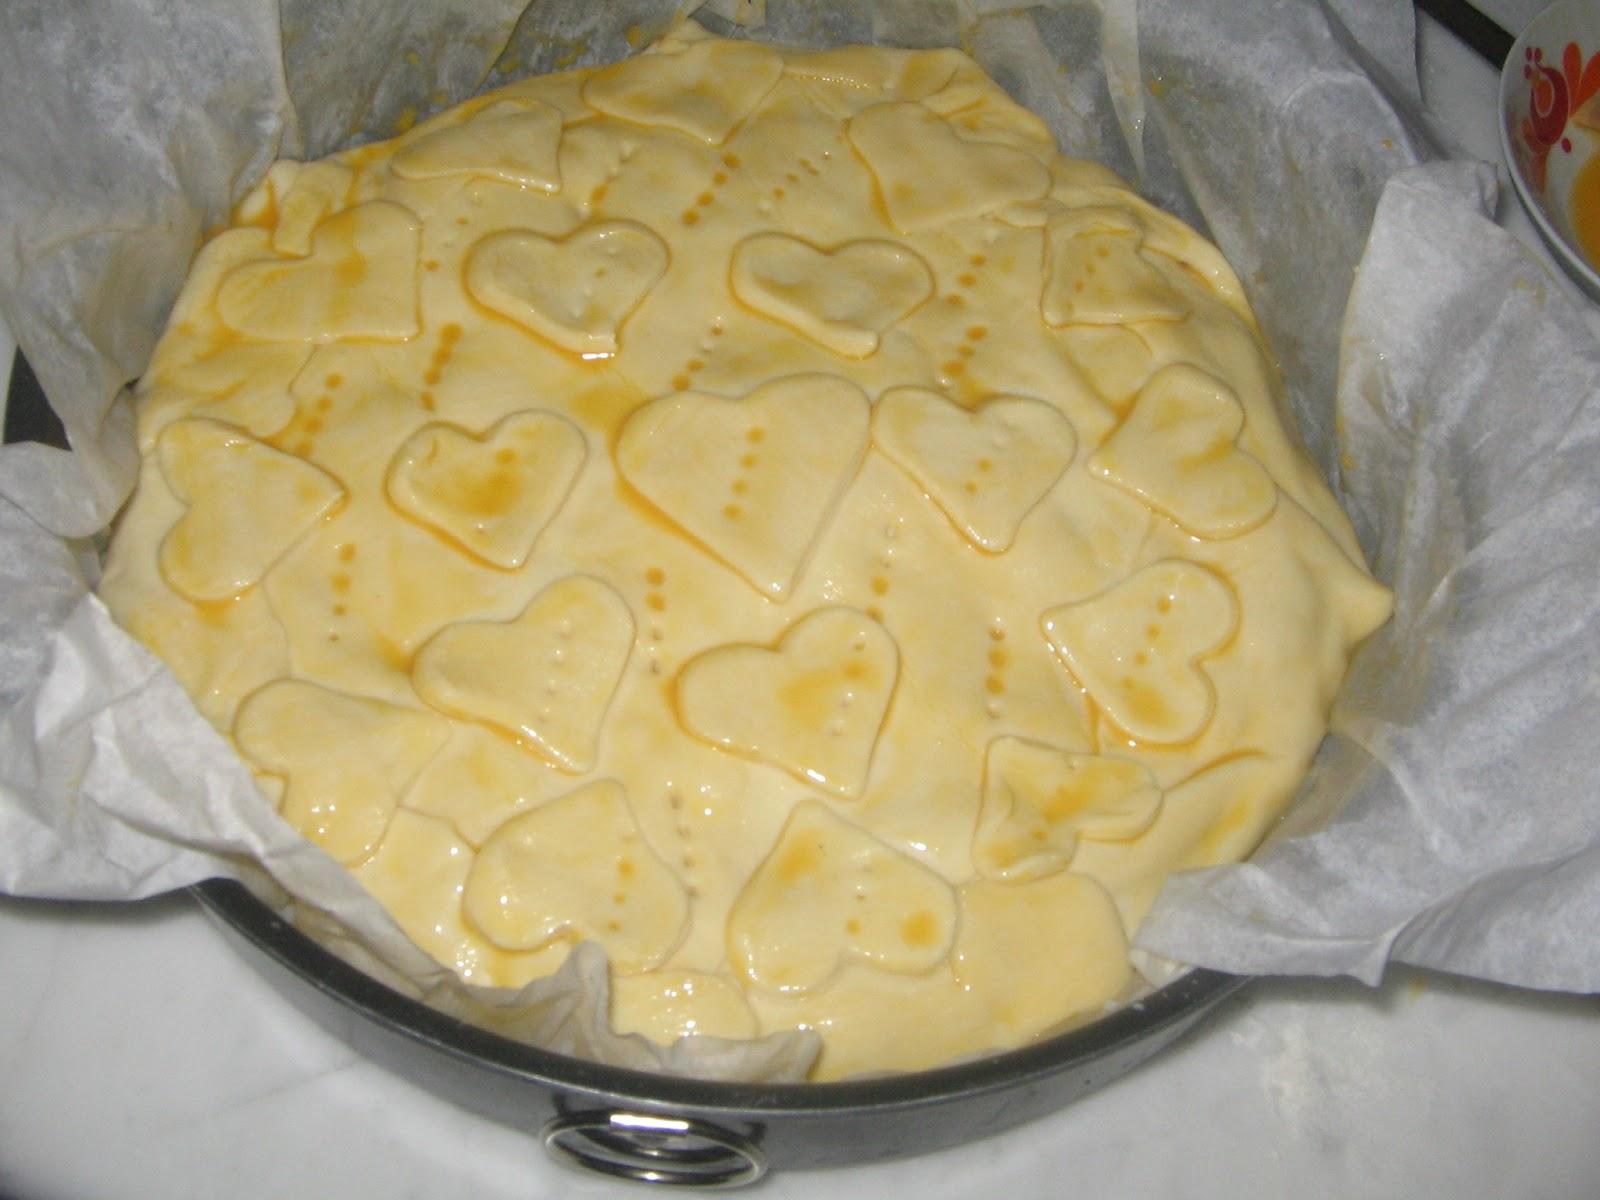 Decorazioni Torte Salate : Non solo cucine isolane: torta salata besciamella grana prosciutto